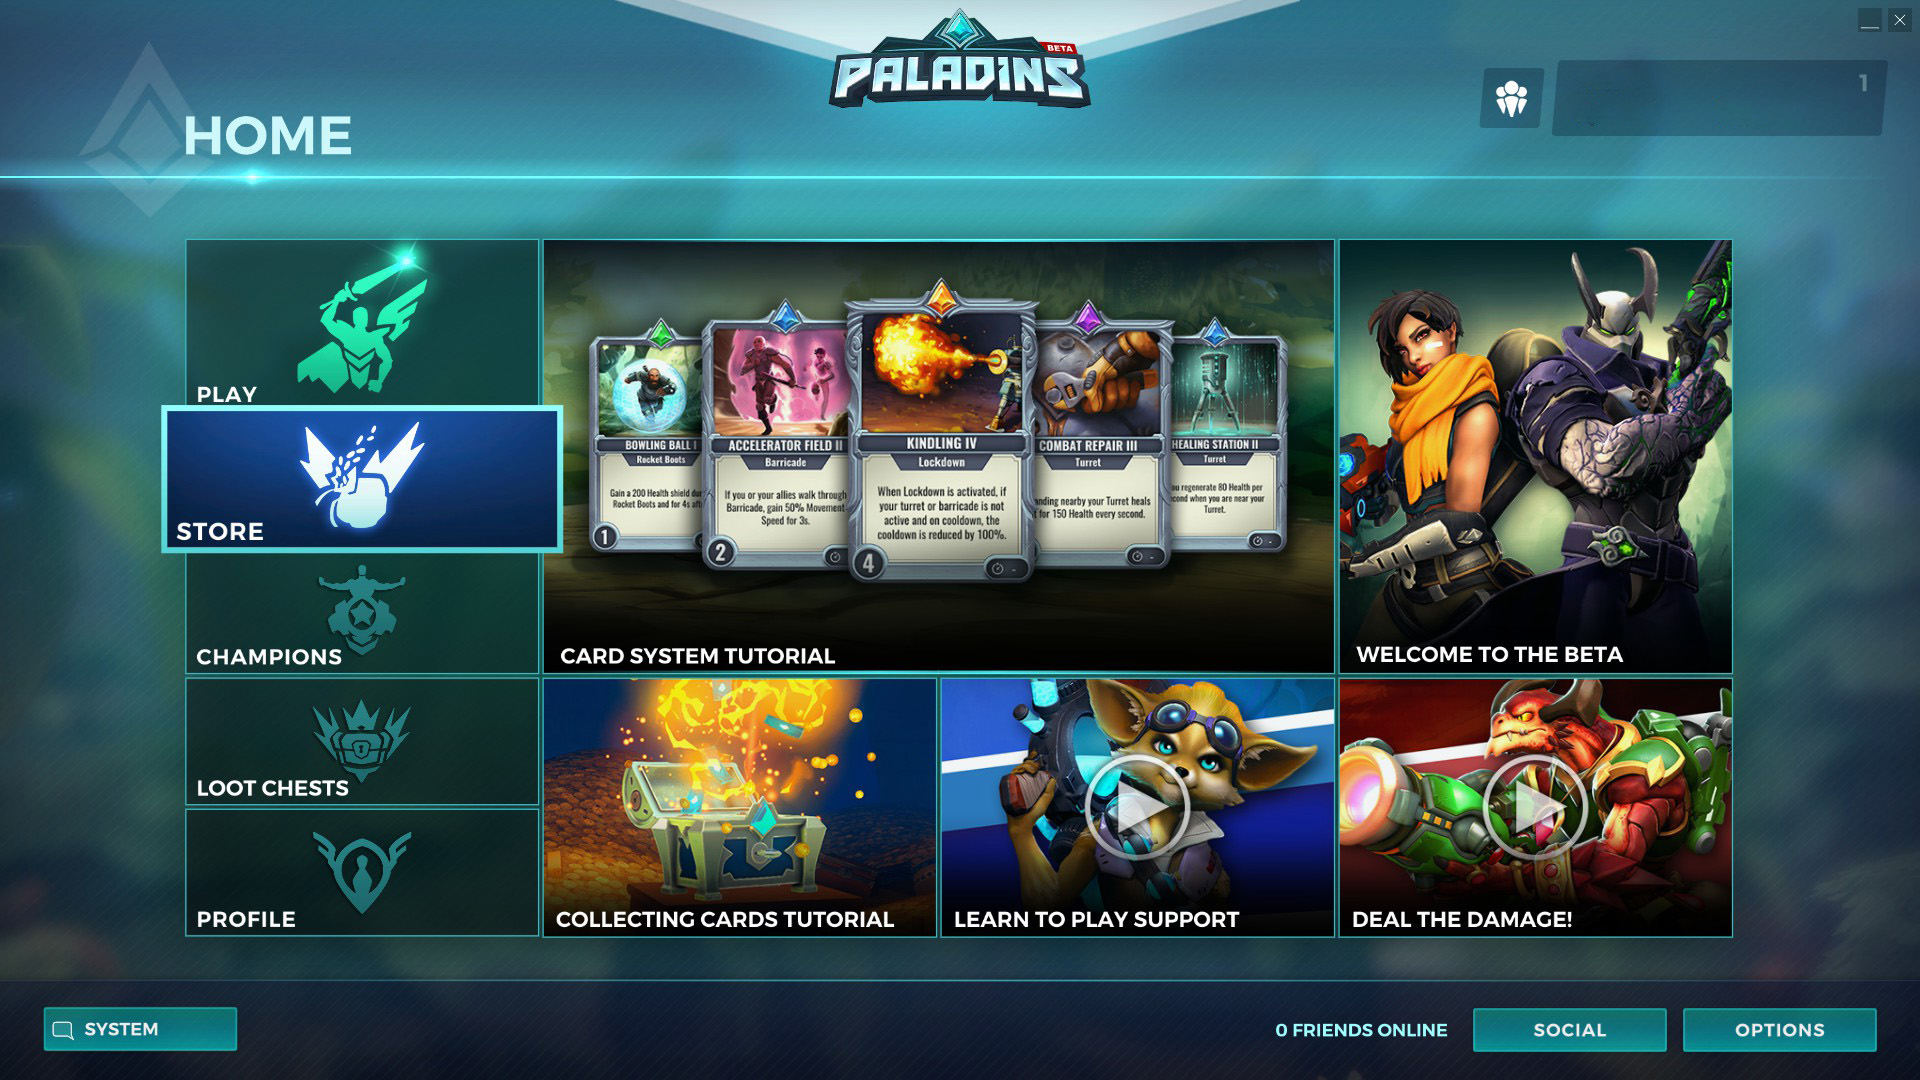 Des vidéos sont présentes sur la page d'accueil du jeu.